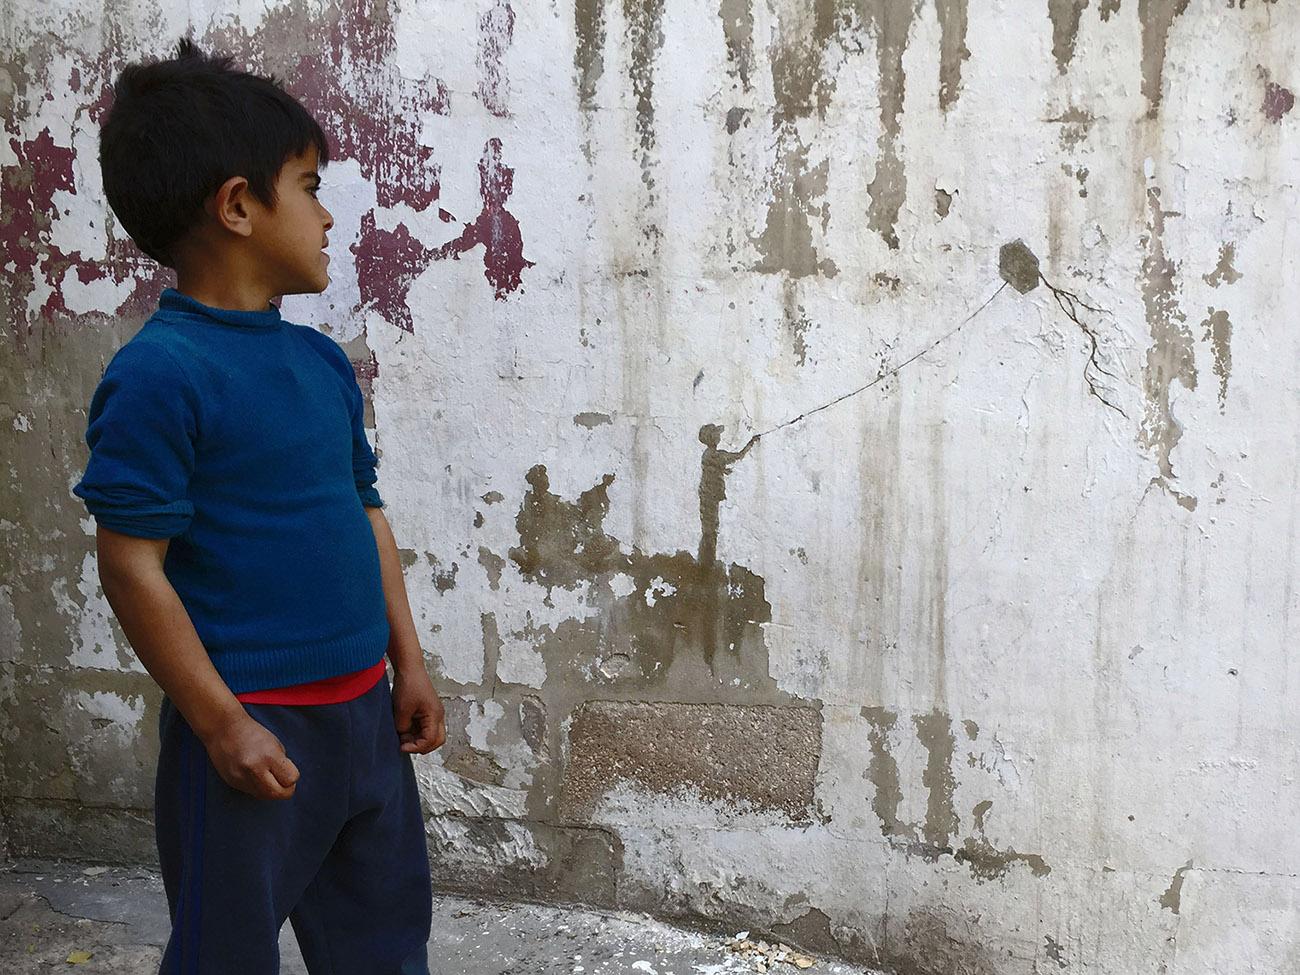 Street Art by Pejac in Al-Hussein, a Palestinian refugee camp in Amman Jordan 5